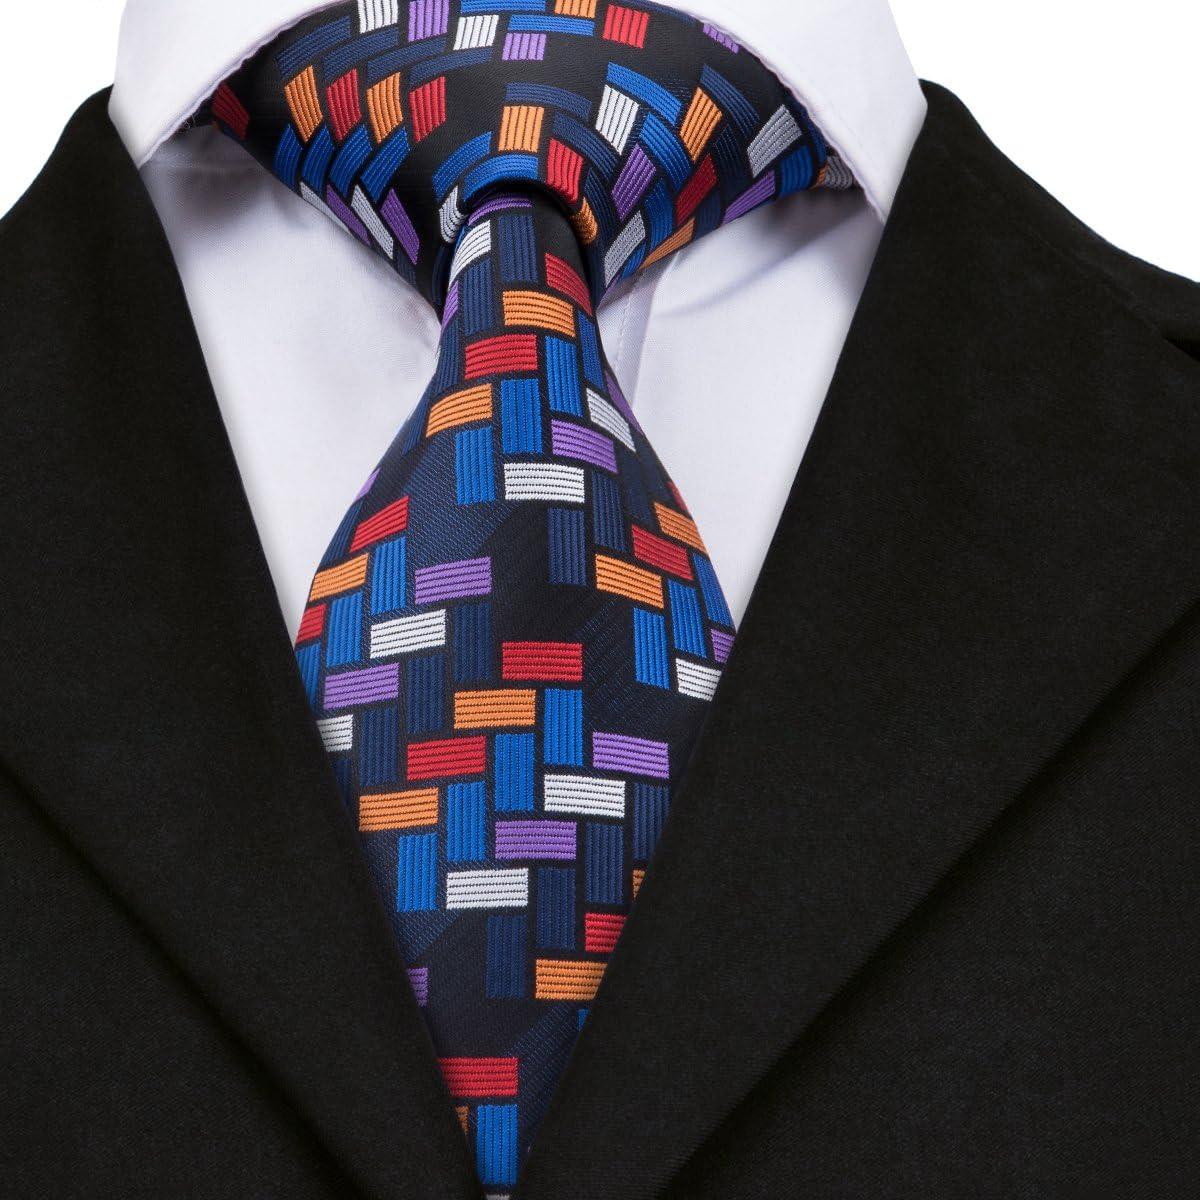 HYCZJH Lazos de Tela Escocesa para los Hombres Camisa Corbata Corbata de Seda Real Lazos para Hombre Lazos de Rayas Azules para Hombres: Amazon.es: Hogar